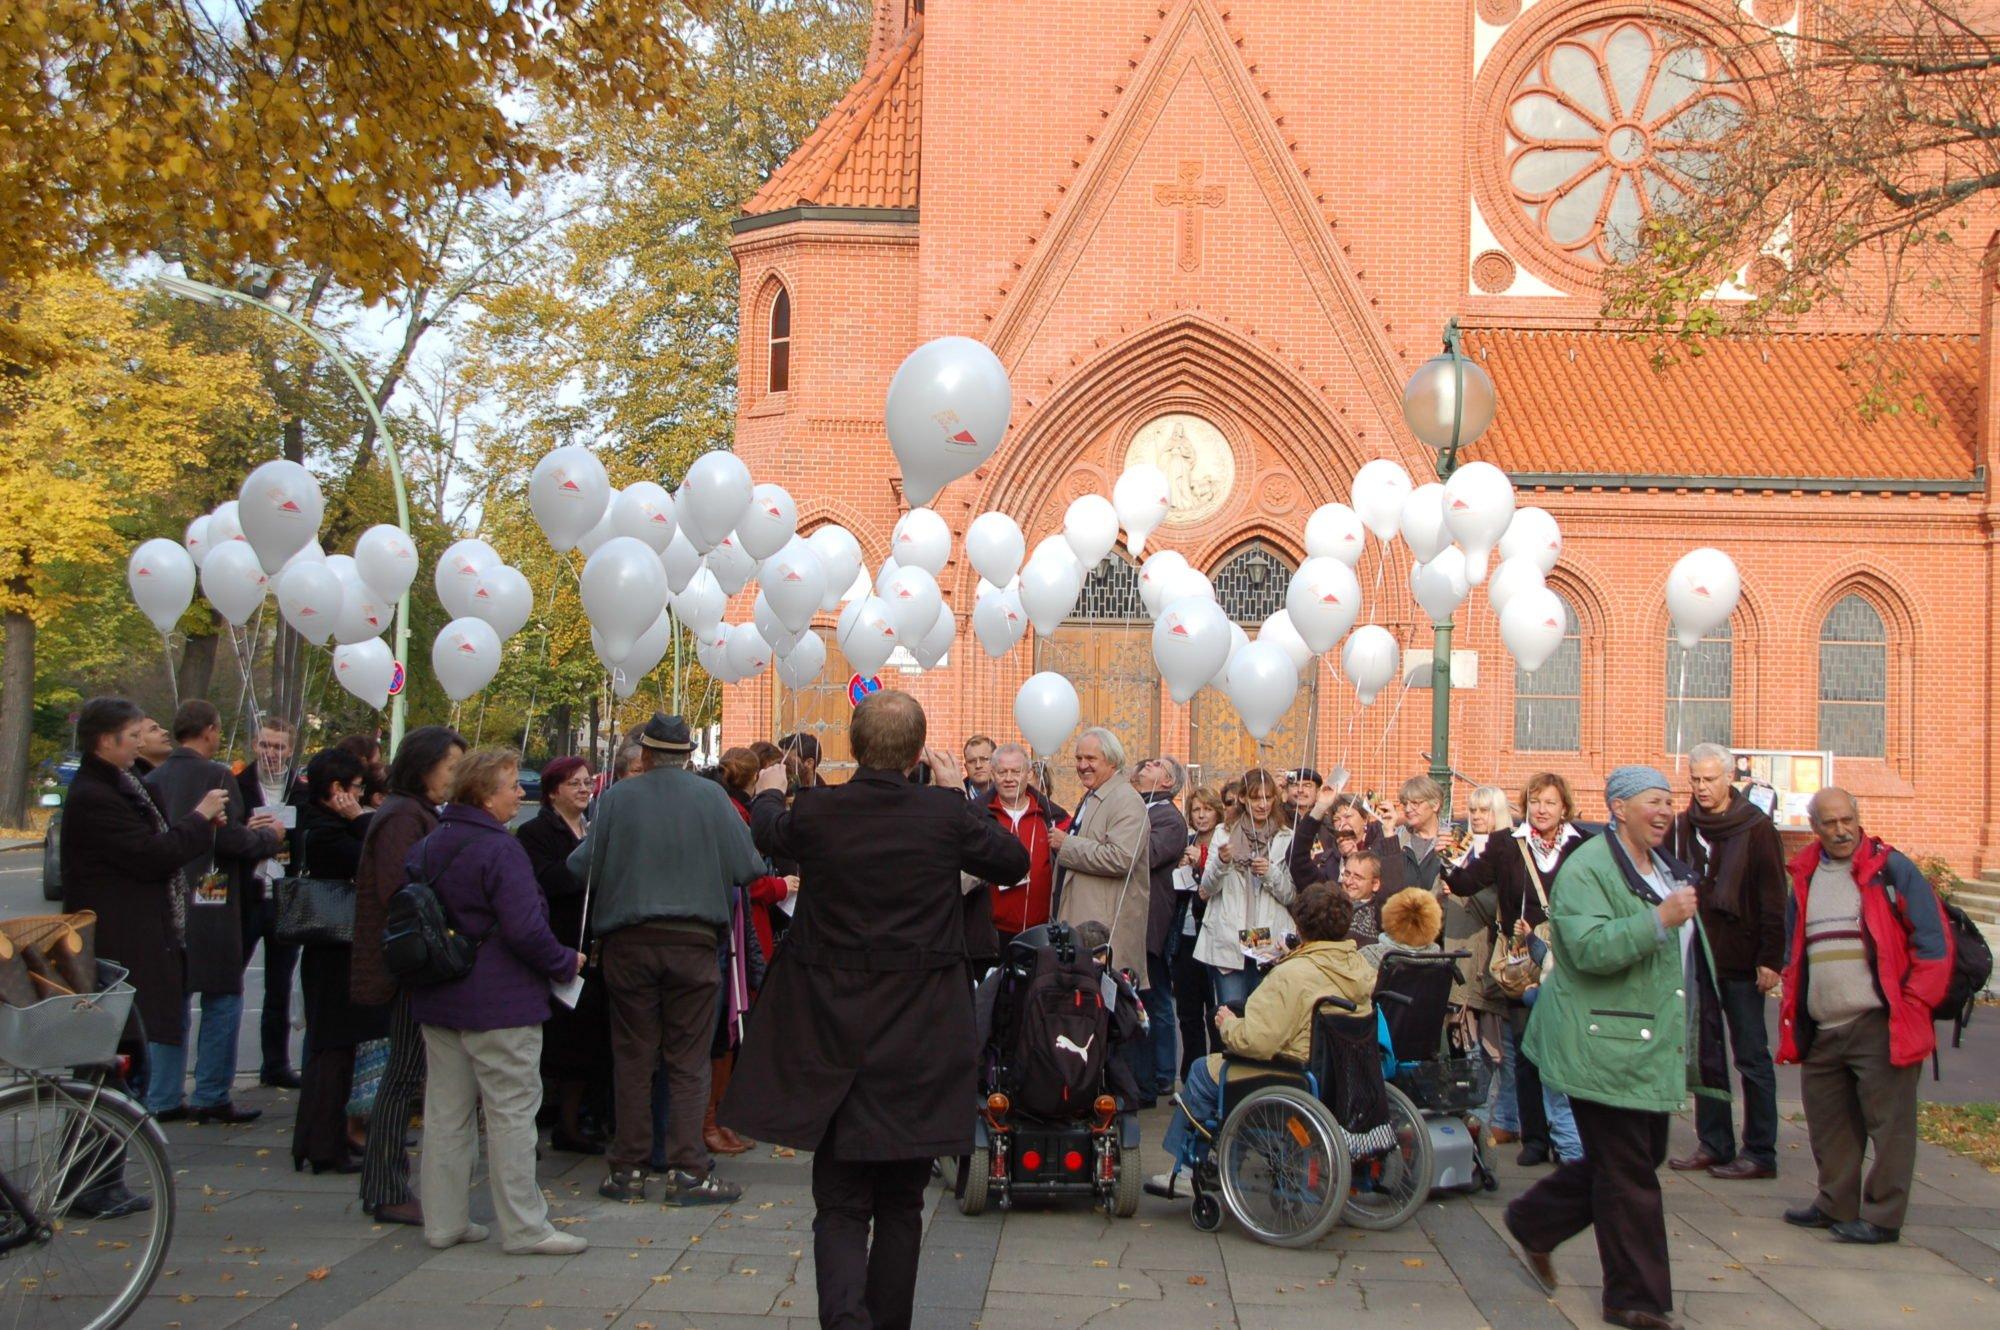 Eine große Menschentraube - zu Fuß und im Rollstuhl. Alle halten weiße Luftballons in den Händen.